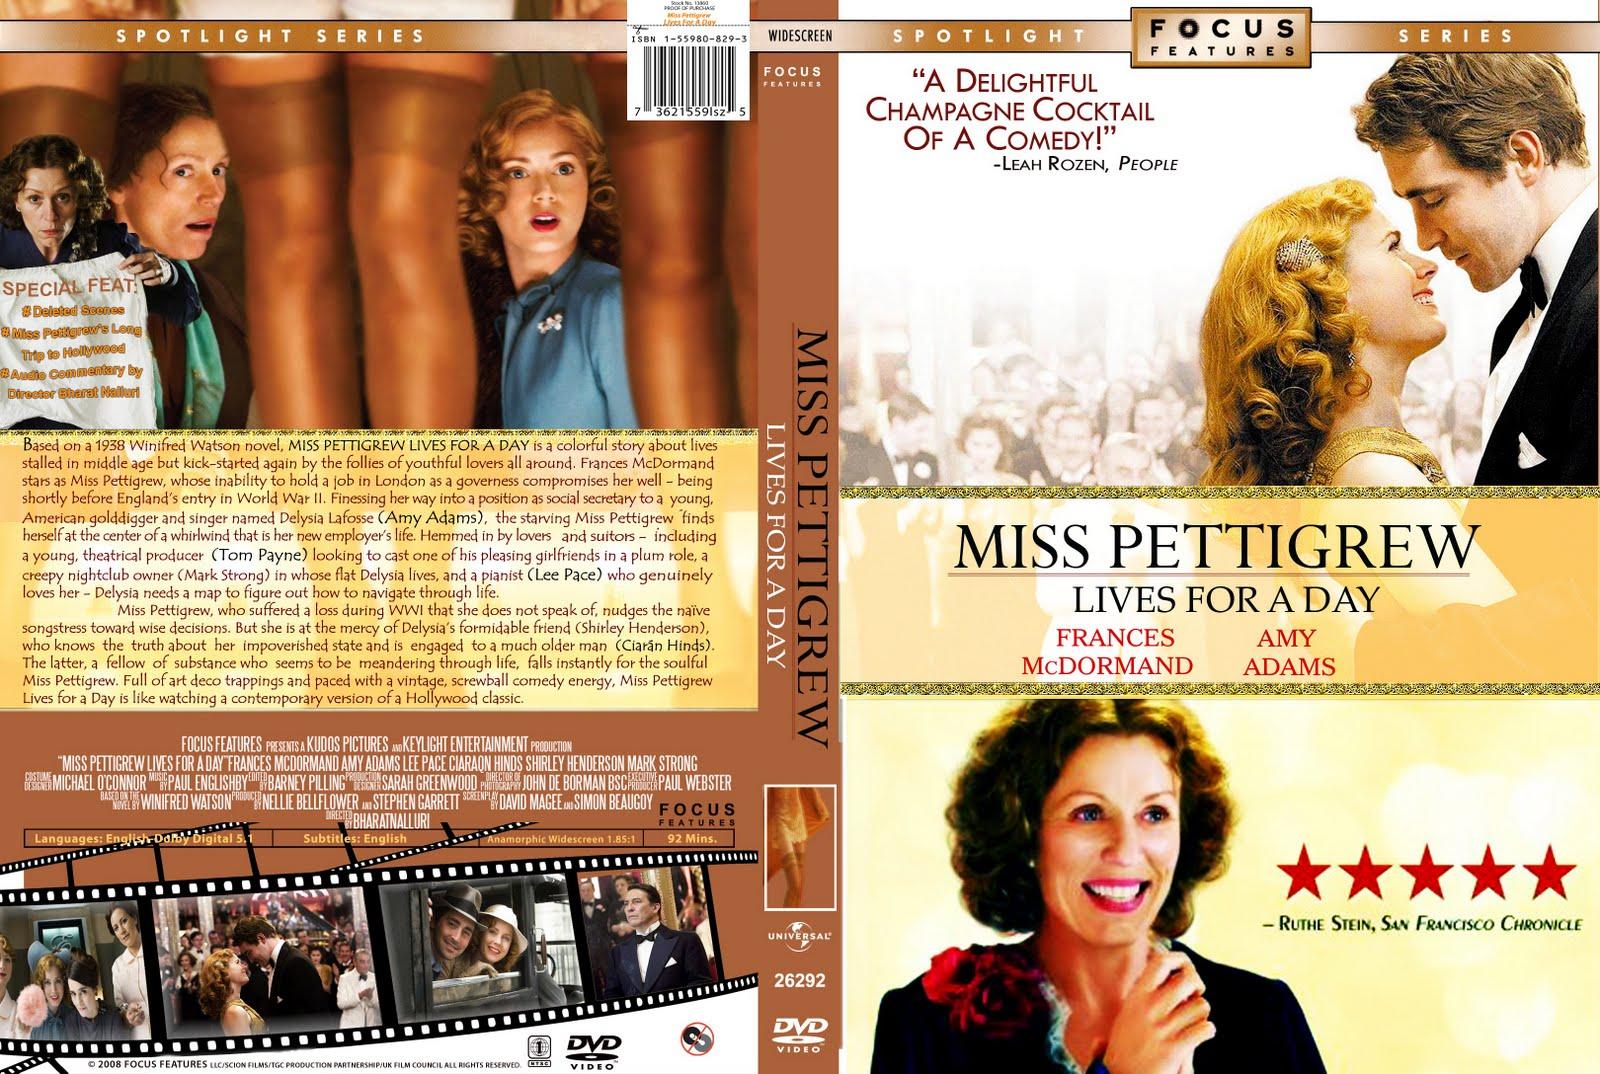 http://3.bp.blogspot.com/_AHtJwKV-gPU/S7-X__o2yuI/AAAAAAAAAI0/ItXEAjnfL80/s1600/miss_pettigrew_lives_for_a_day_r1_custom-cdcovers_cc-front.jpg